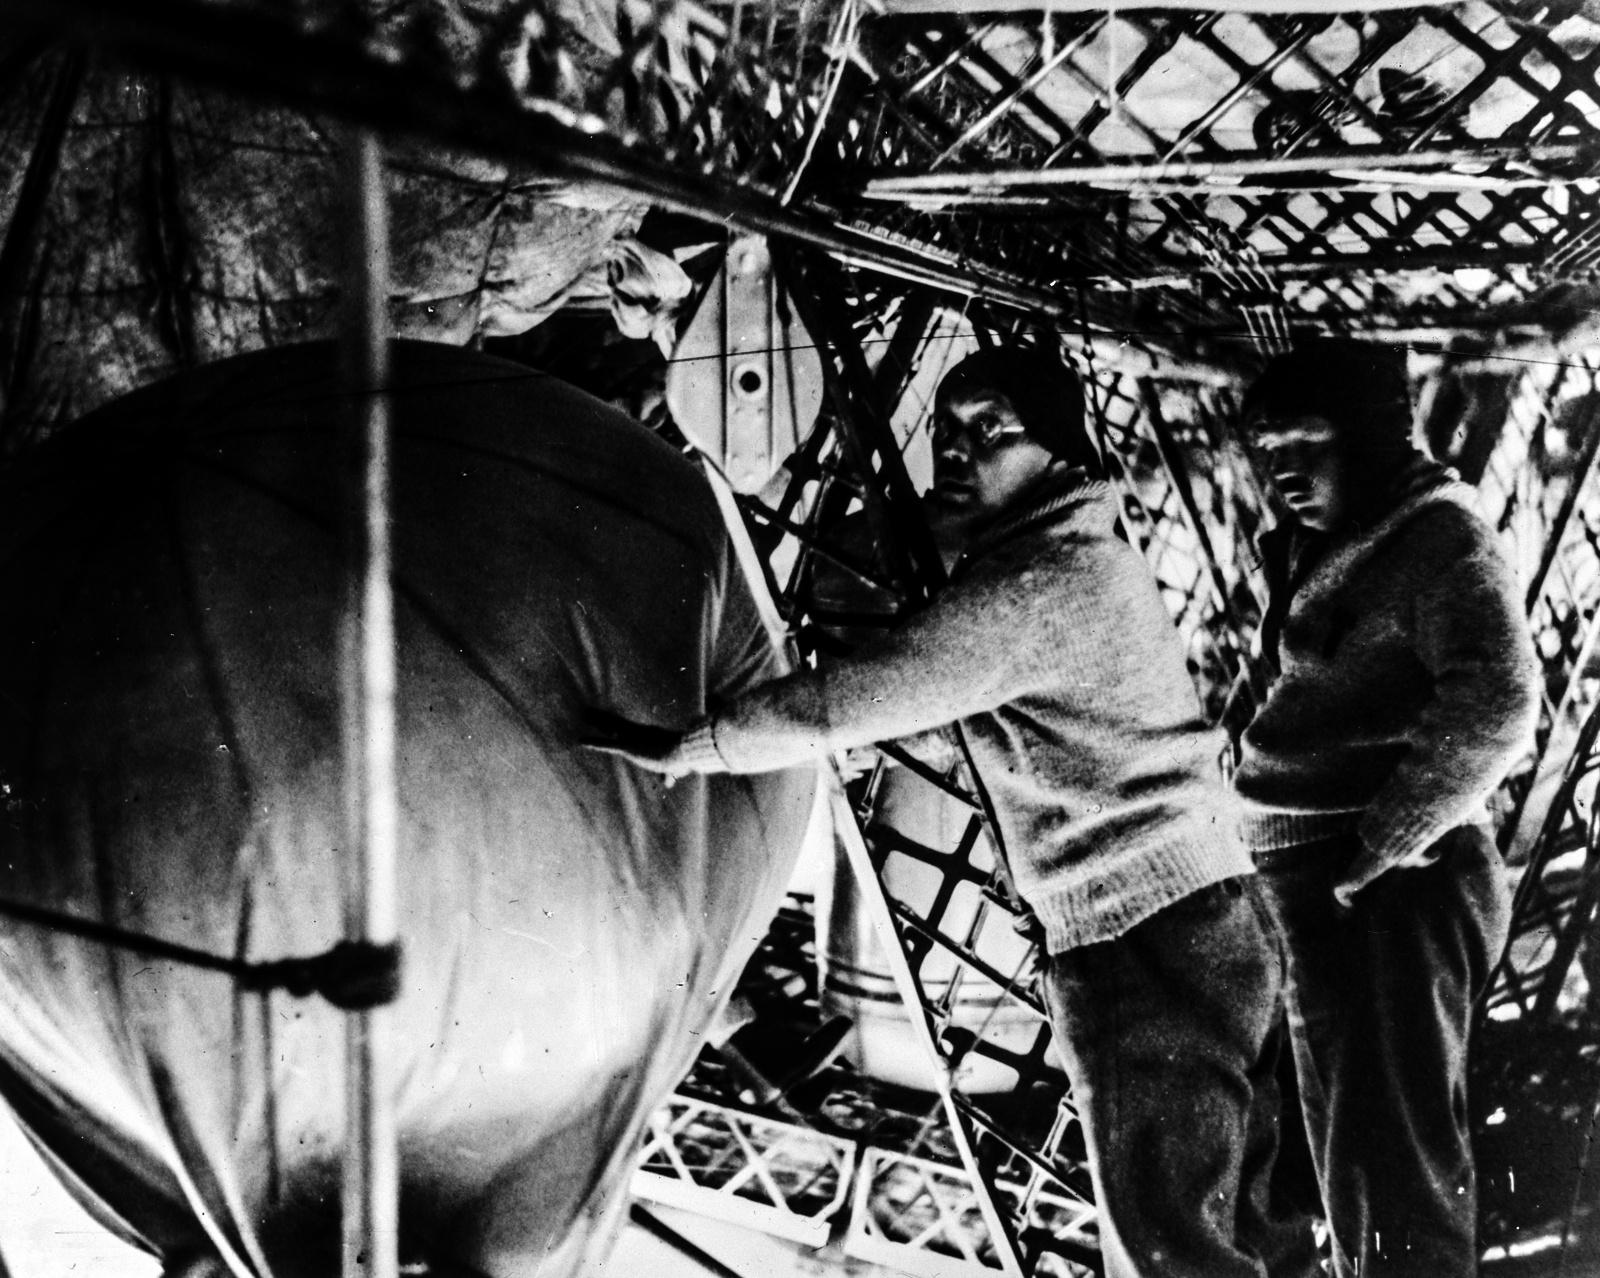 Июль 1931 года. Профессор Вейкман и профессор Молчанов во время запуска воздушных шаров.